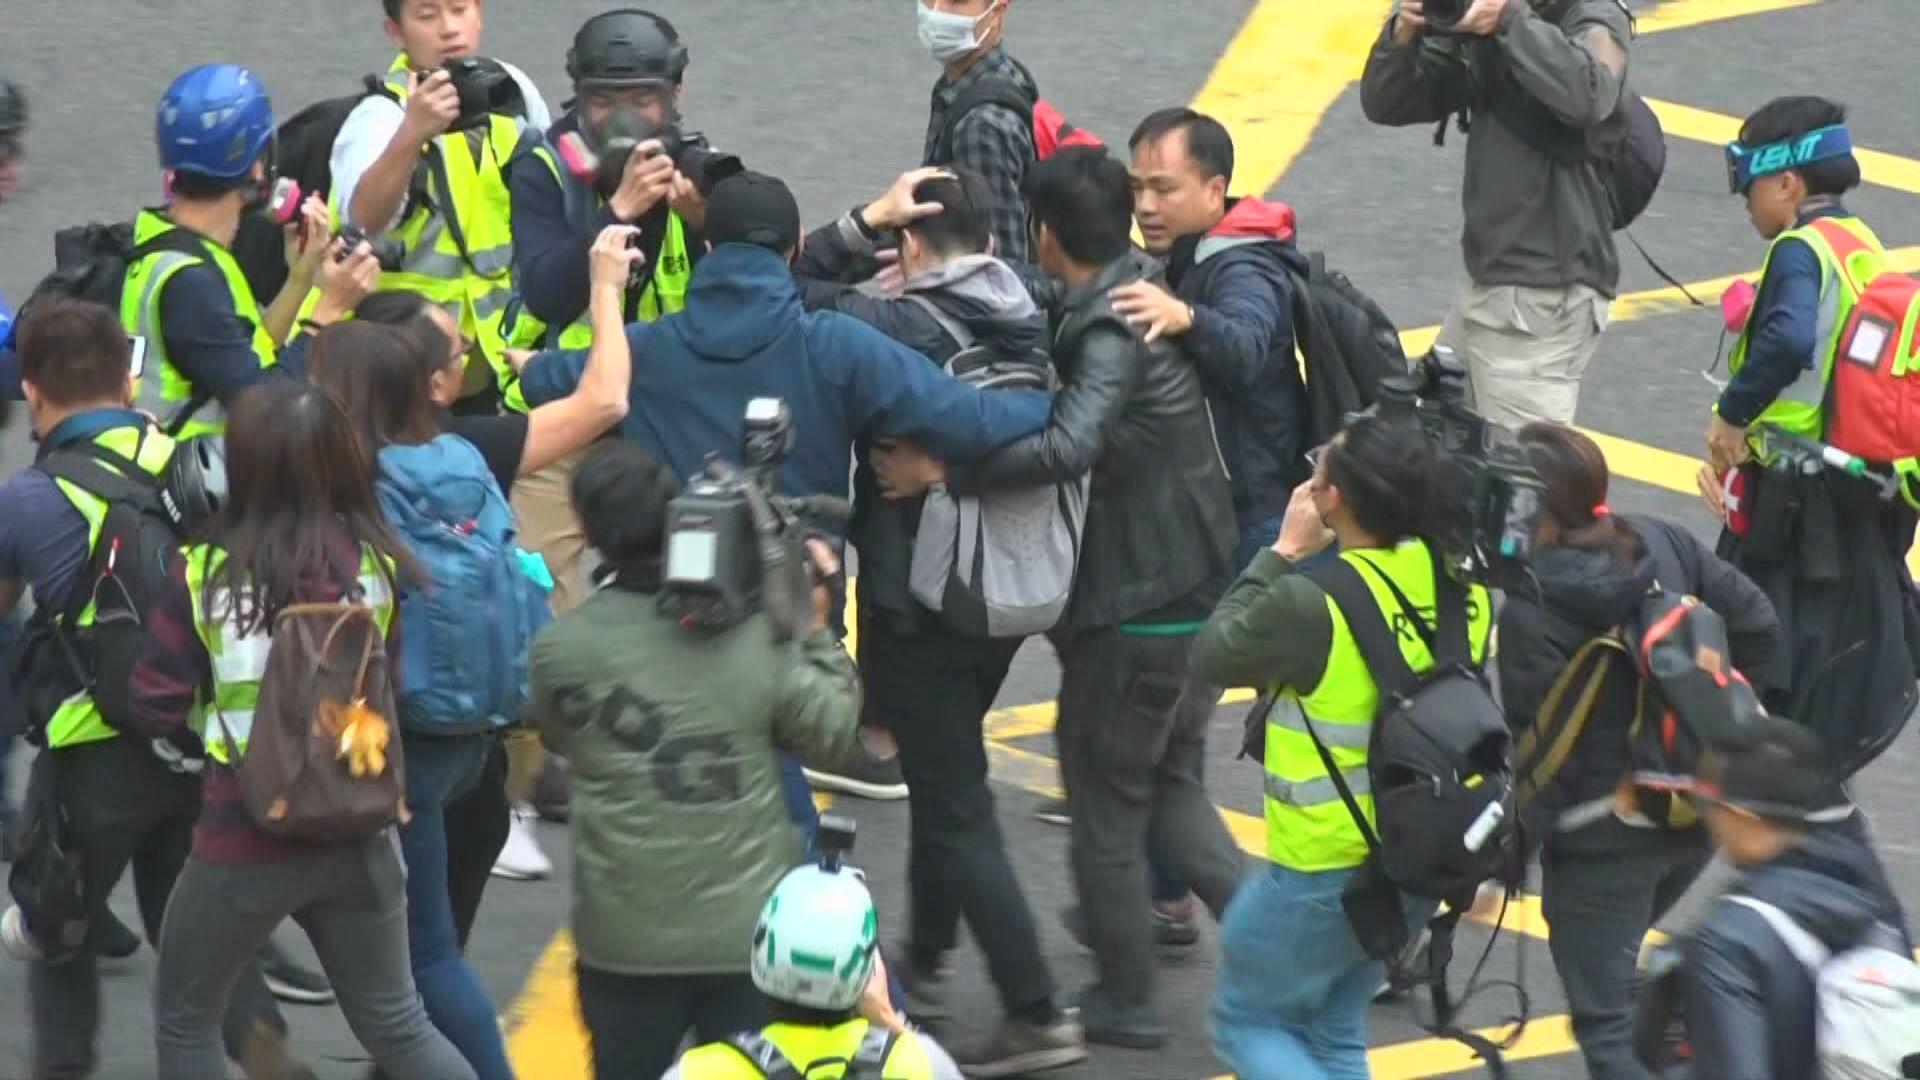 警方拘捕7人涉嫌非法集結及蓄意傷人